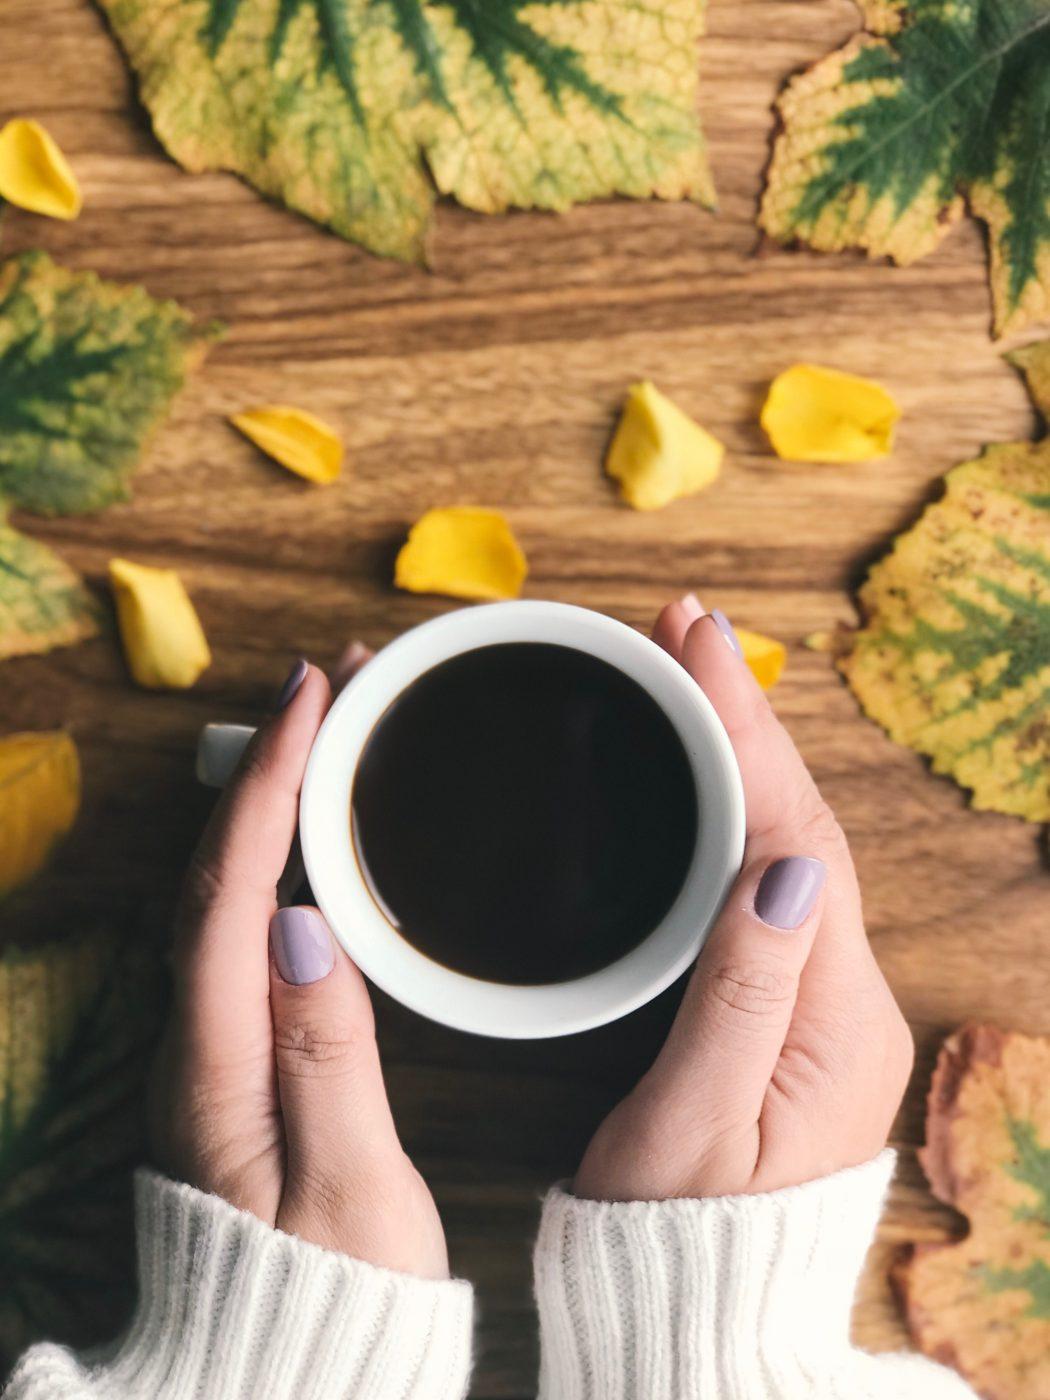 SPM sindrome premenstrual ginevitex